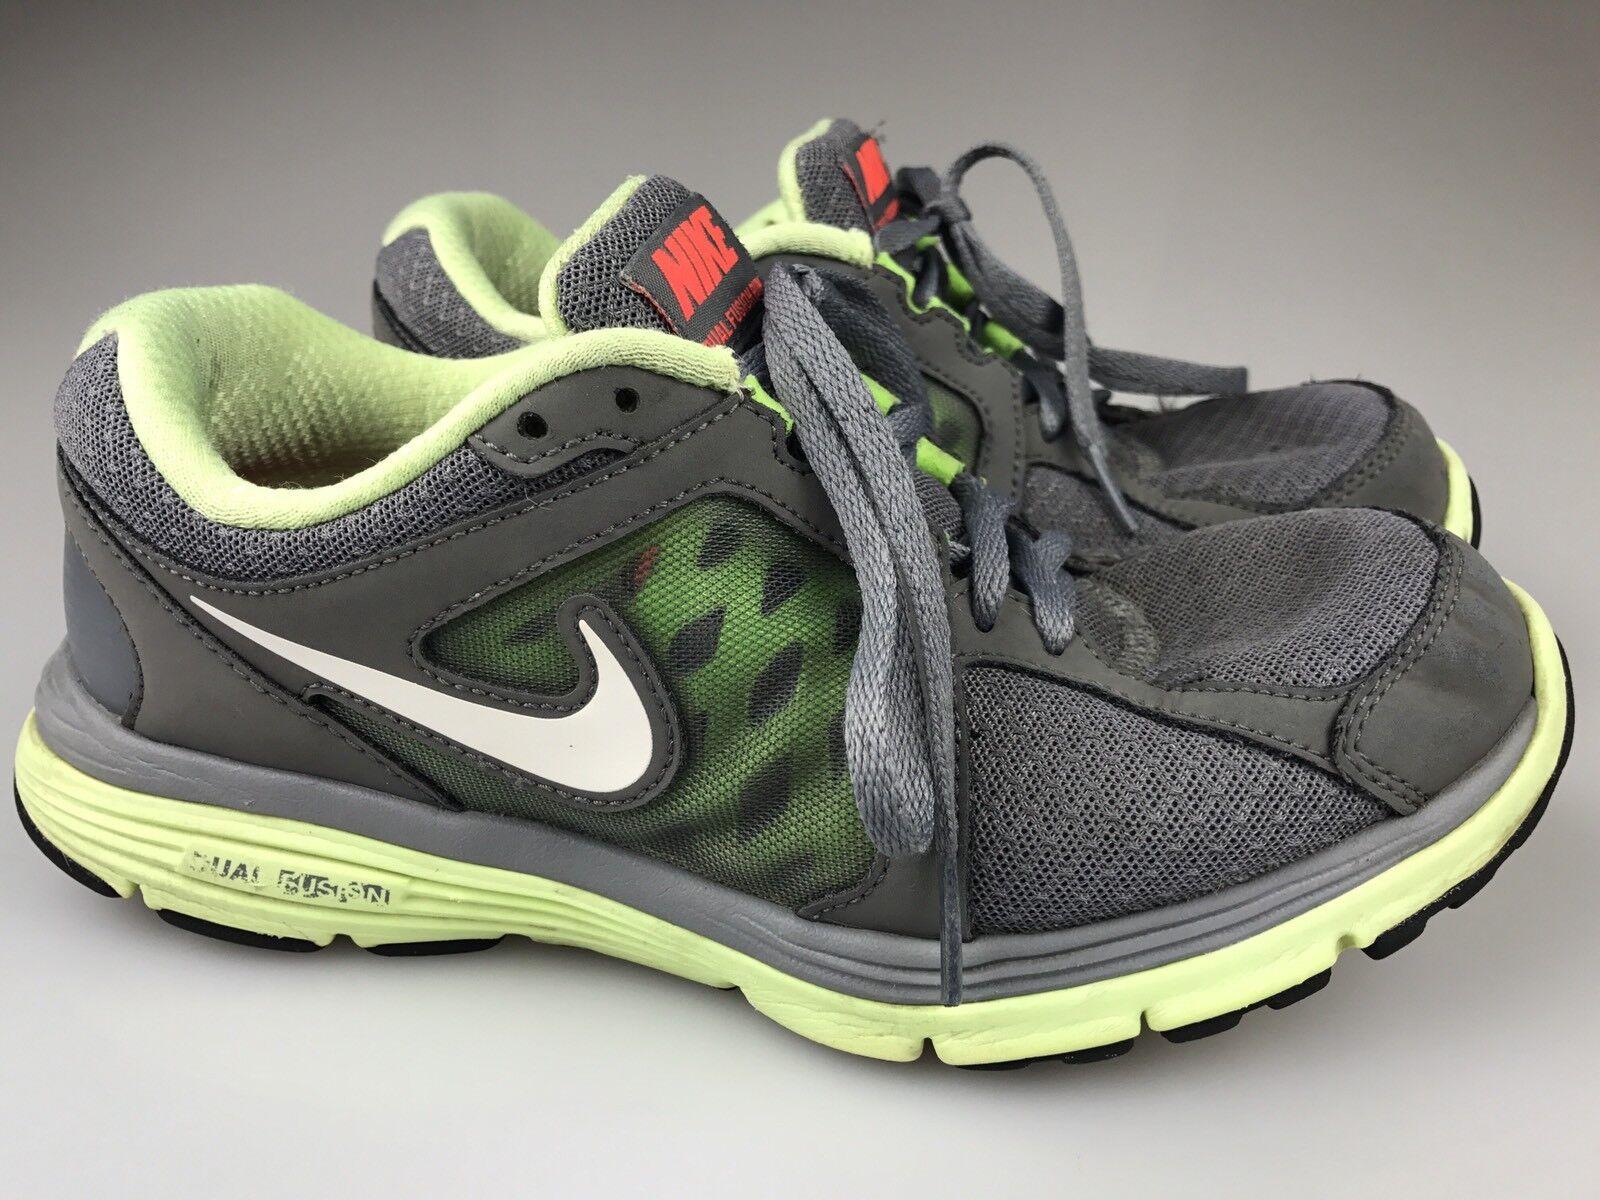 Nike doppia fusione gestito 2012 le scarpe da corsa corsa corsa giallo grigio   volt misura 7,5 525752   Buon Mercato    Sig/Sig Ra Scarpa  43ded6